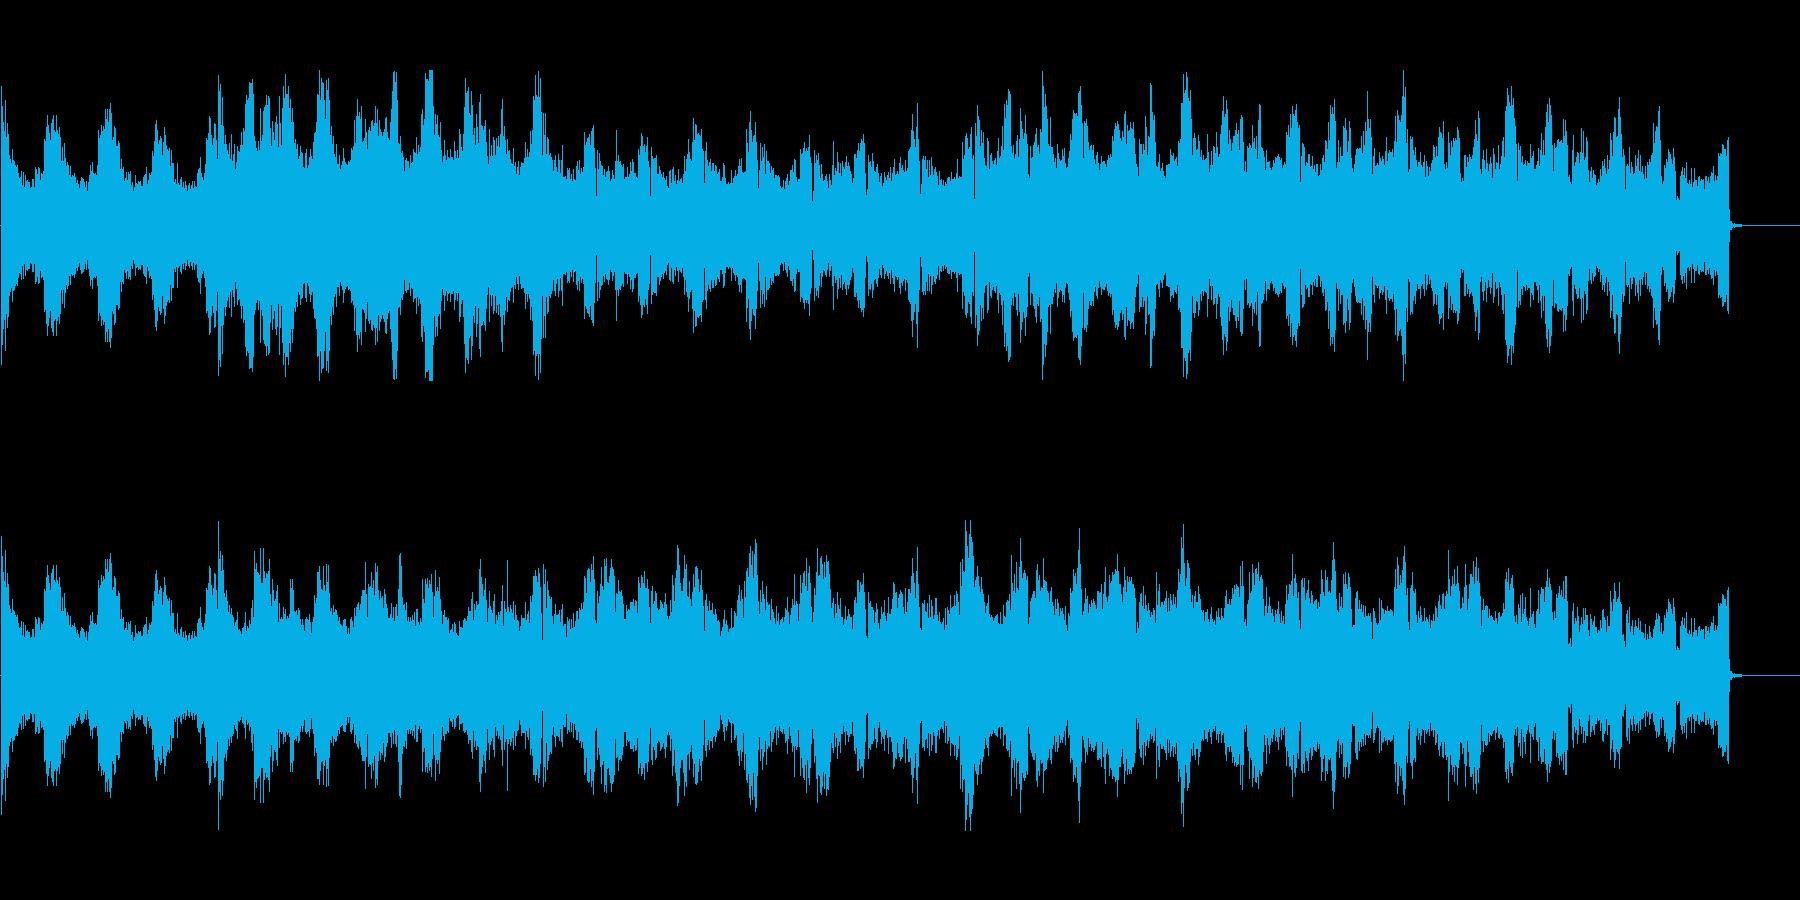 インダストリアルシーンの背景に 2の再生済みの波形